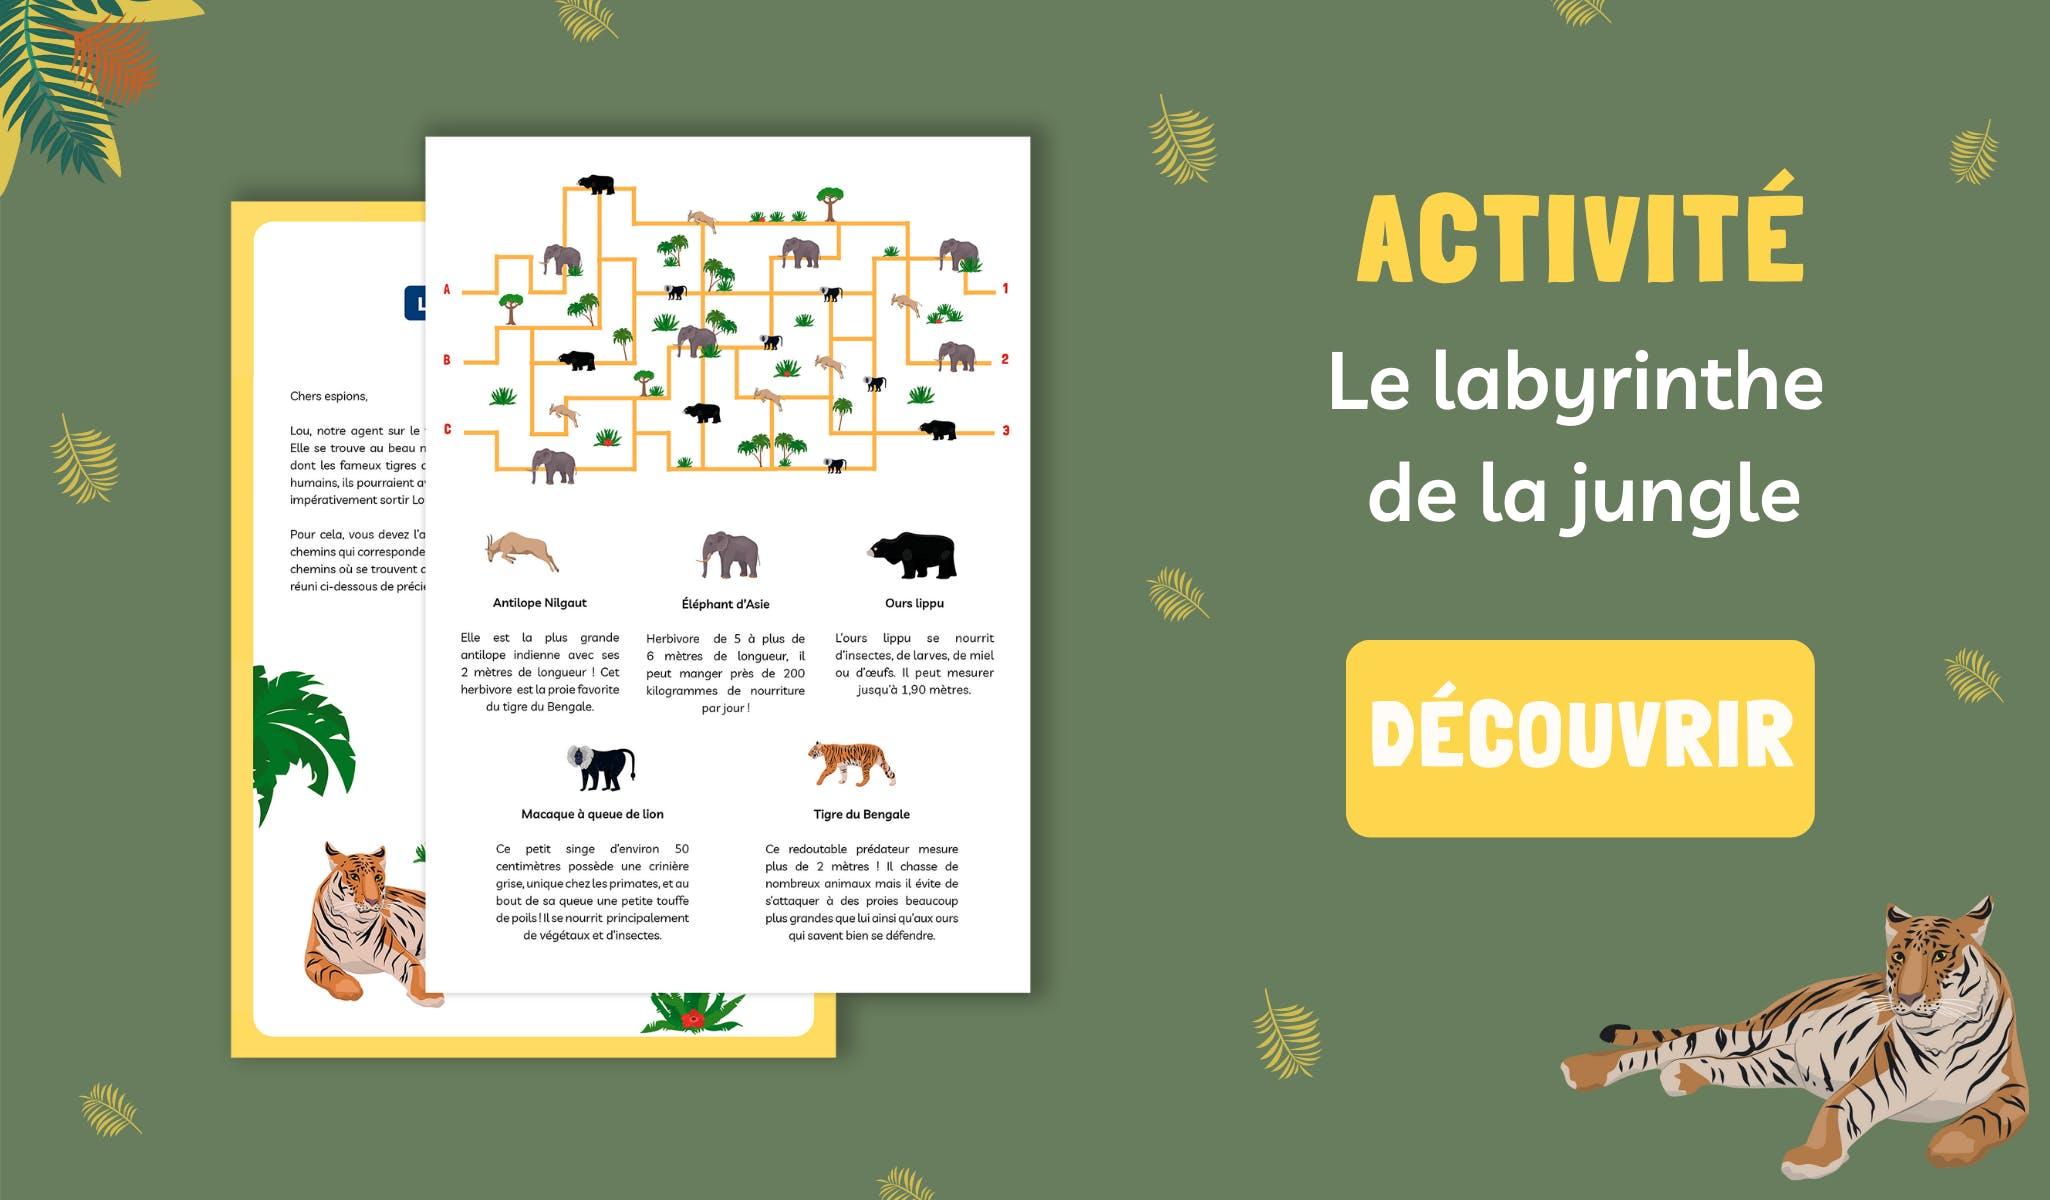 Labyrinthe Mysteriokid à télécharger gratuitement sur le thème de la jungle et des animaux indiens, pour les enfants à partir de 7 ans